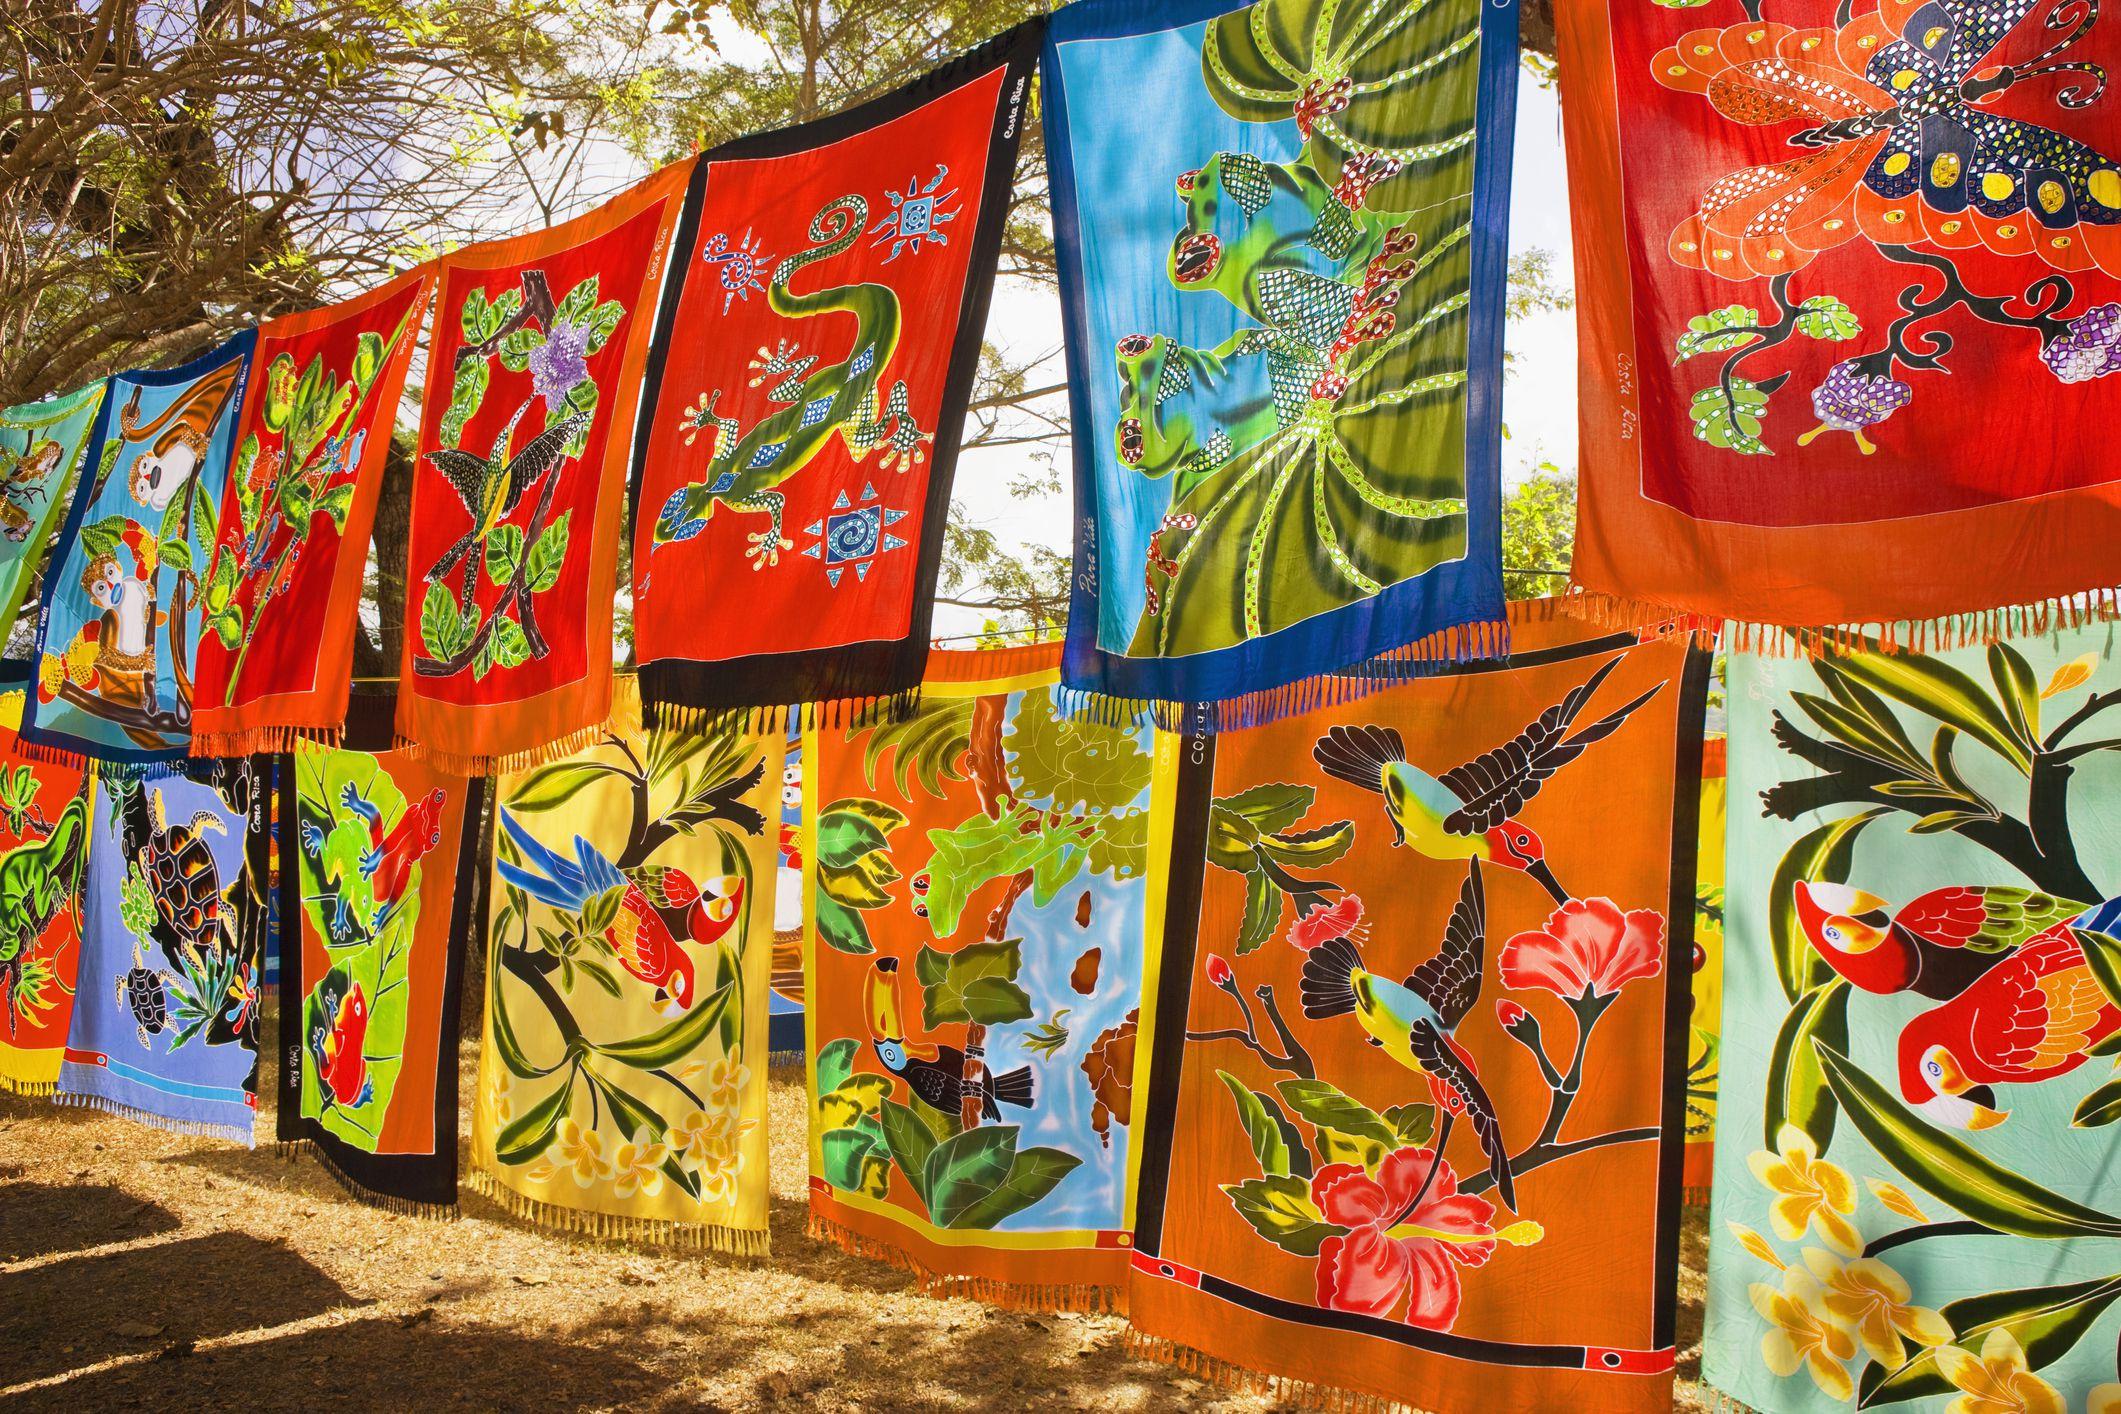 Caribbean Batik hanging in the breeze.